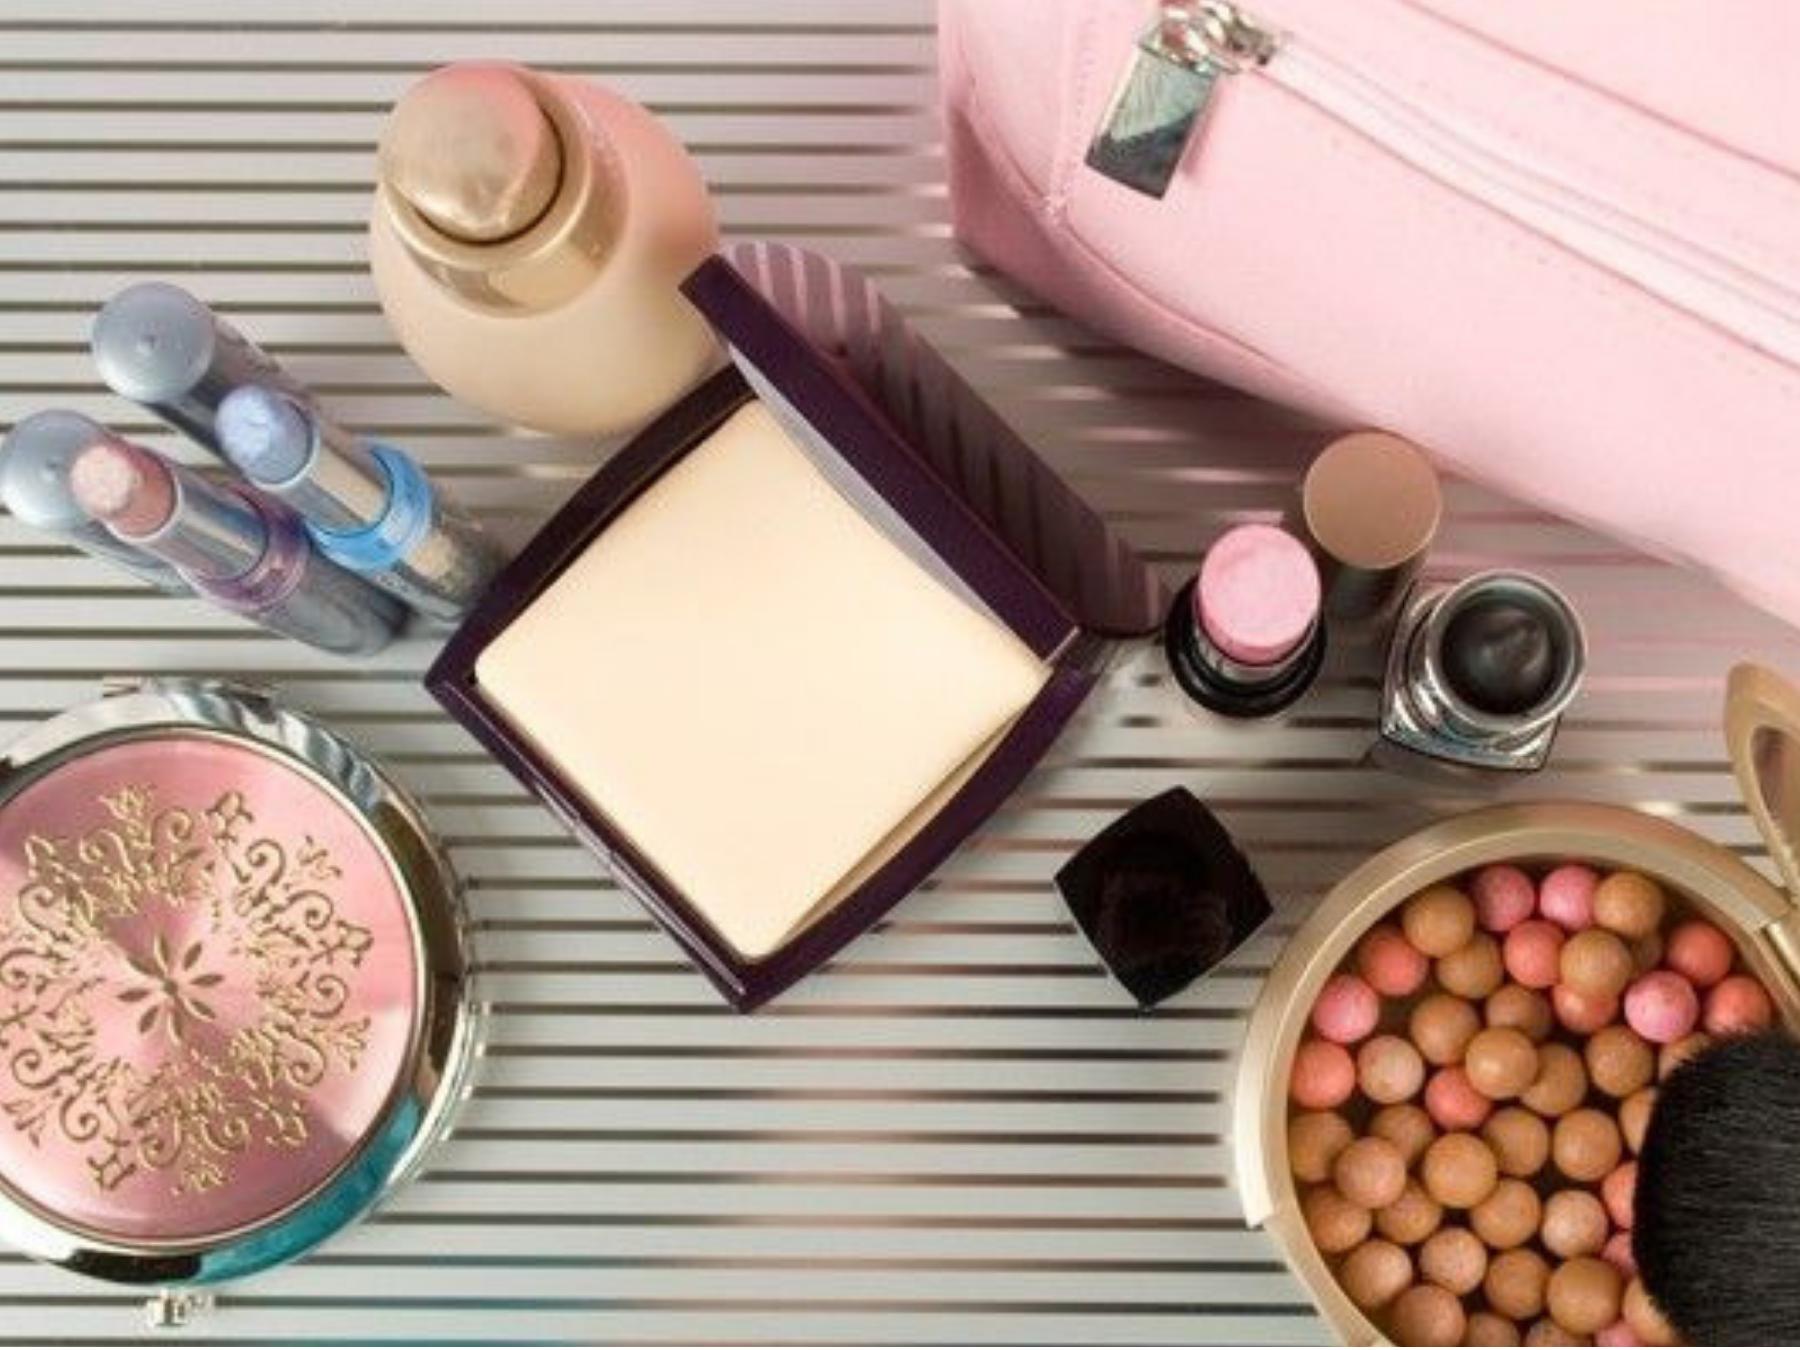 Dicas-para-economizar-espaço-na-necessaire-de-maquiage 7 Dicas para economizar espaço na necessaire de maquiagem de viagem